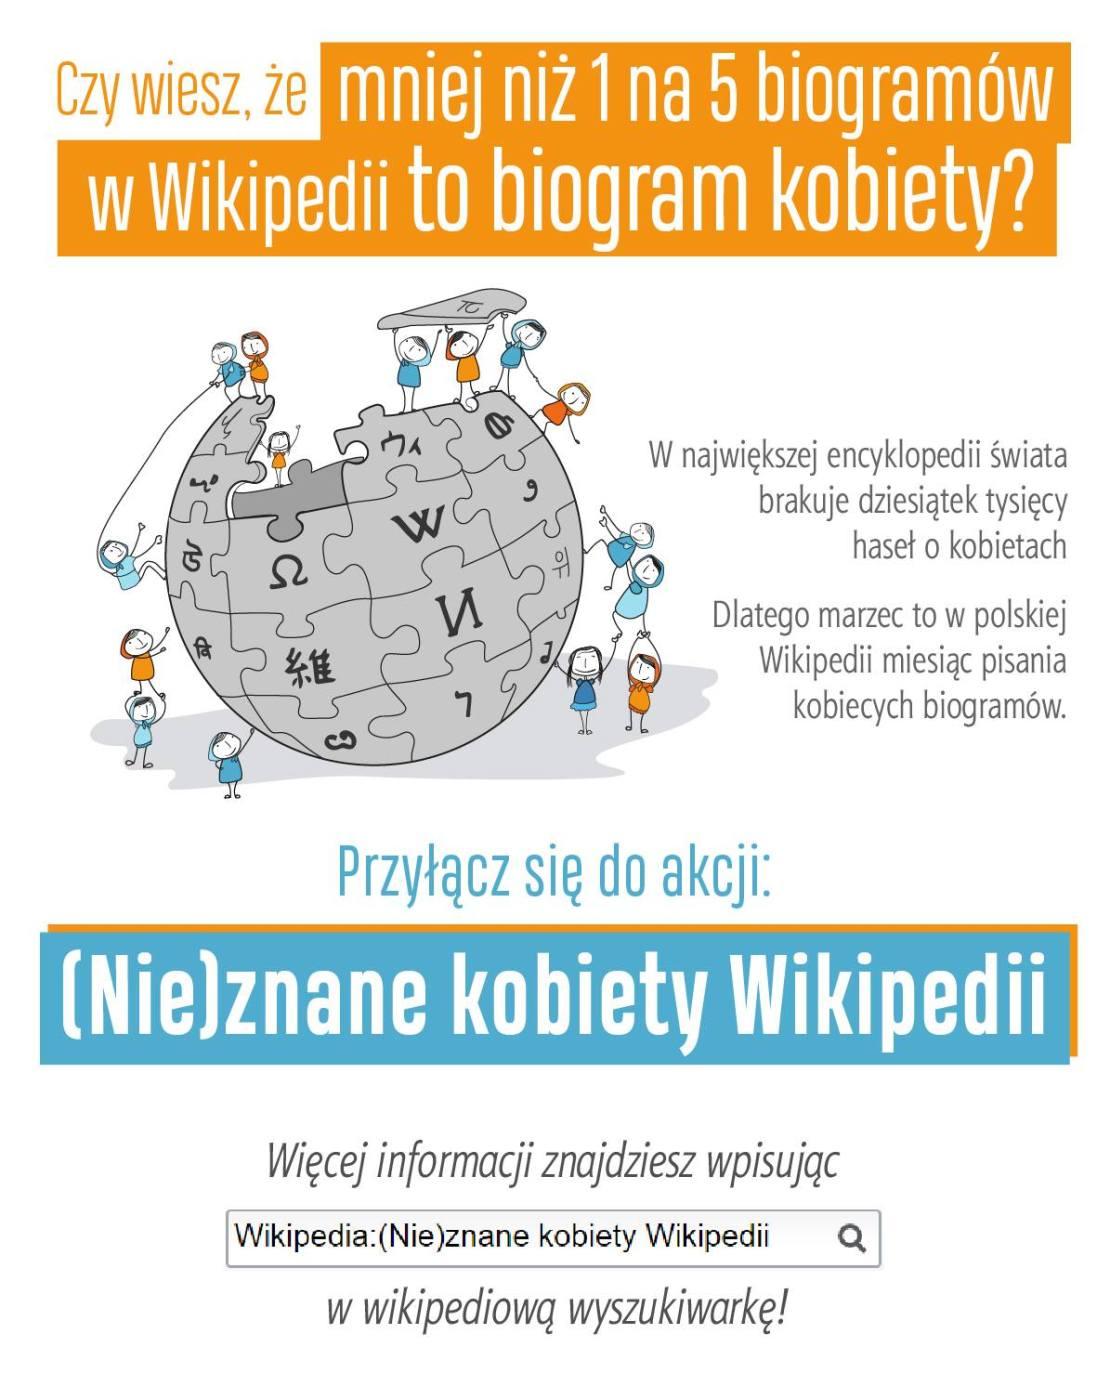 Oryginalna grafika konkursowa: (Nie) znane kobiety Wikipedii 2020